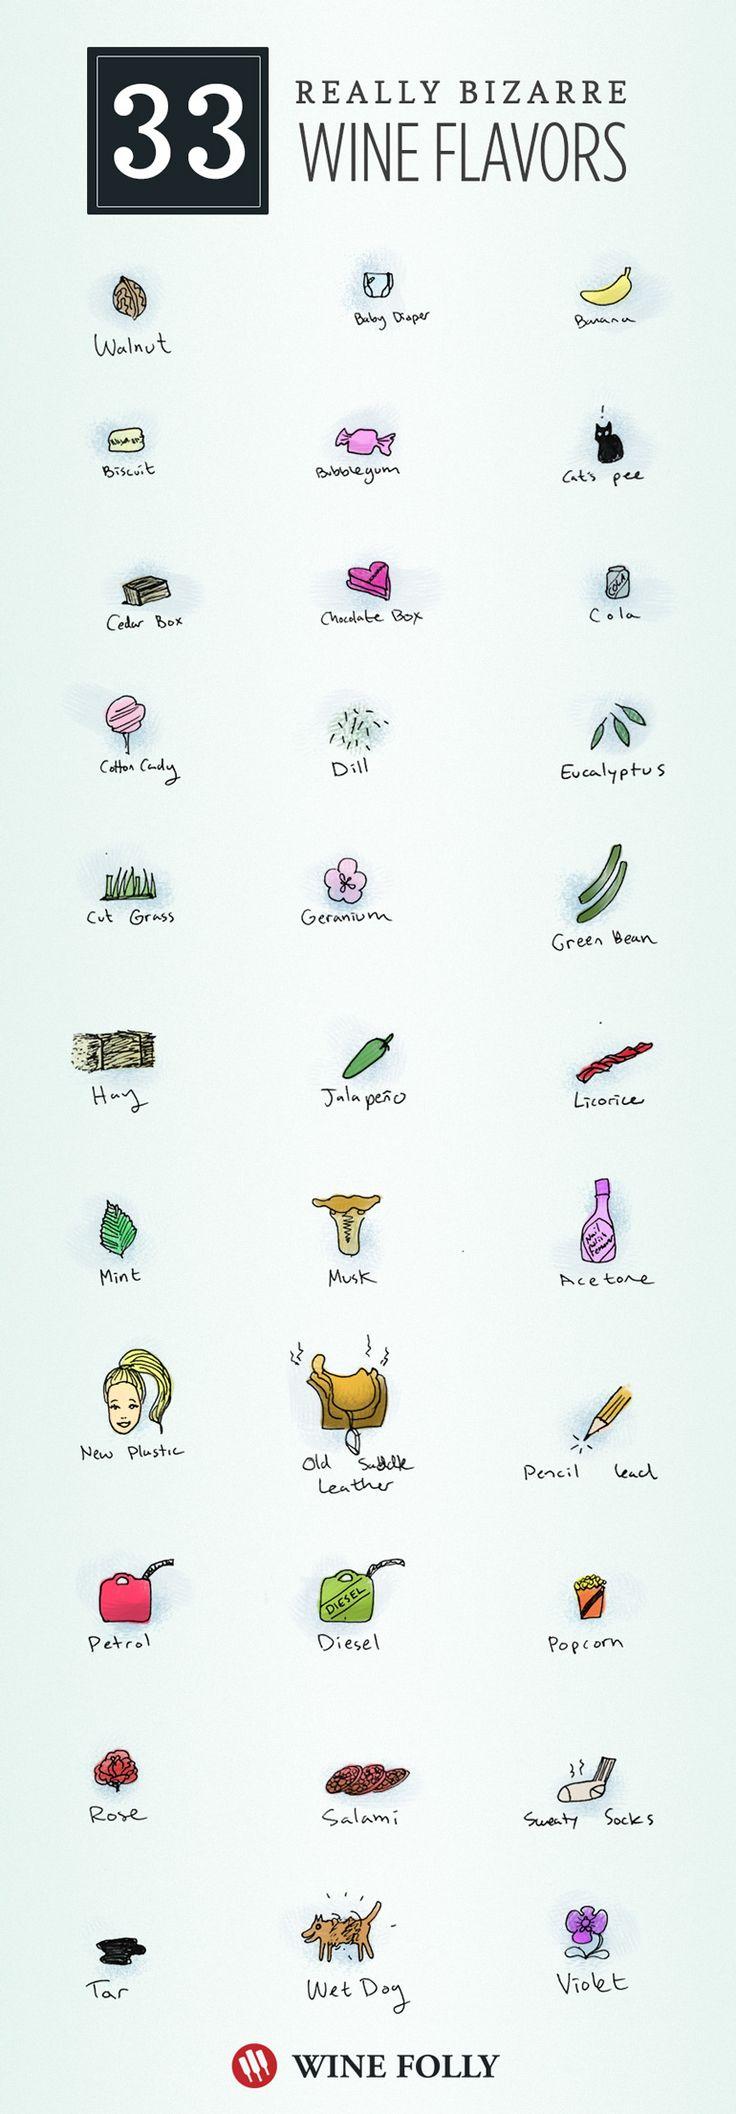 33 Bizarre Wine Flavors - Wine Folly